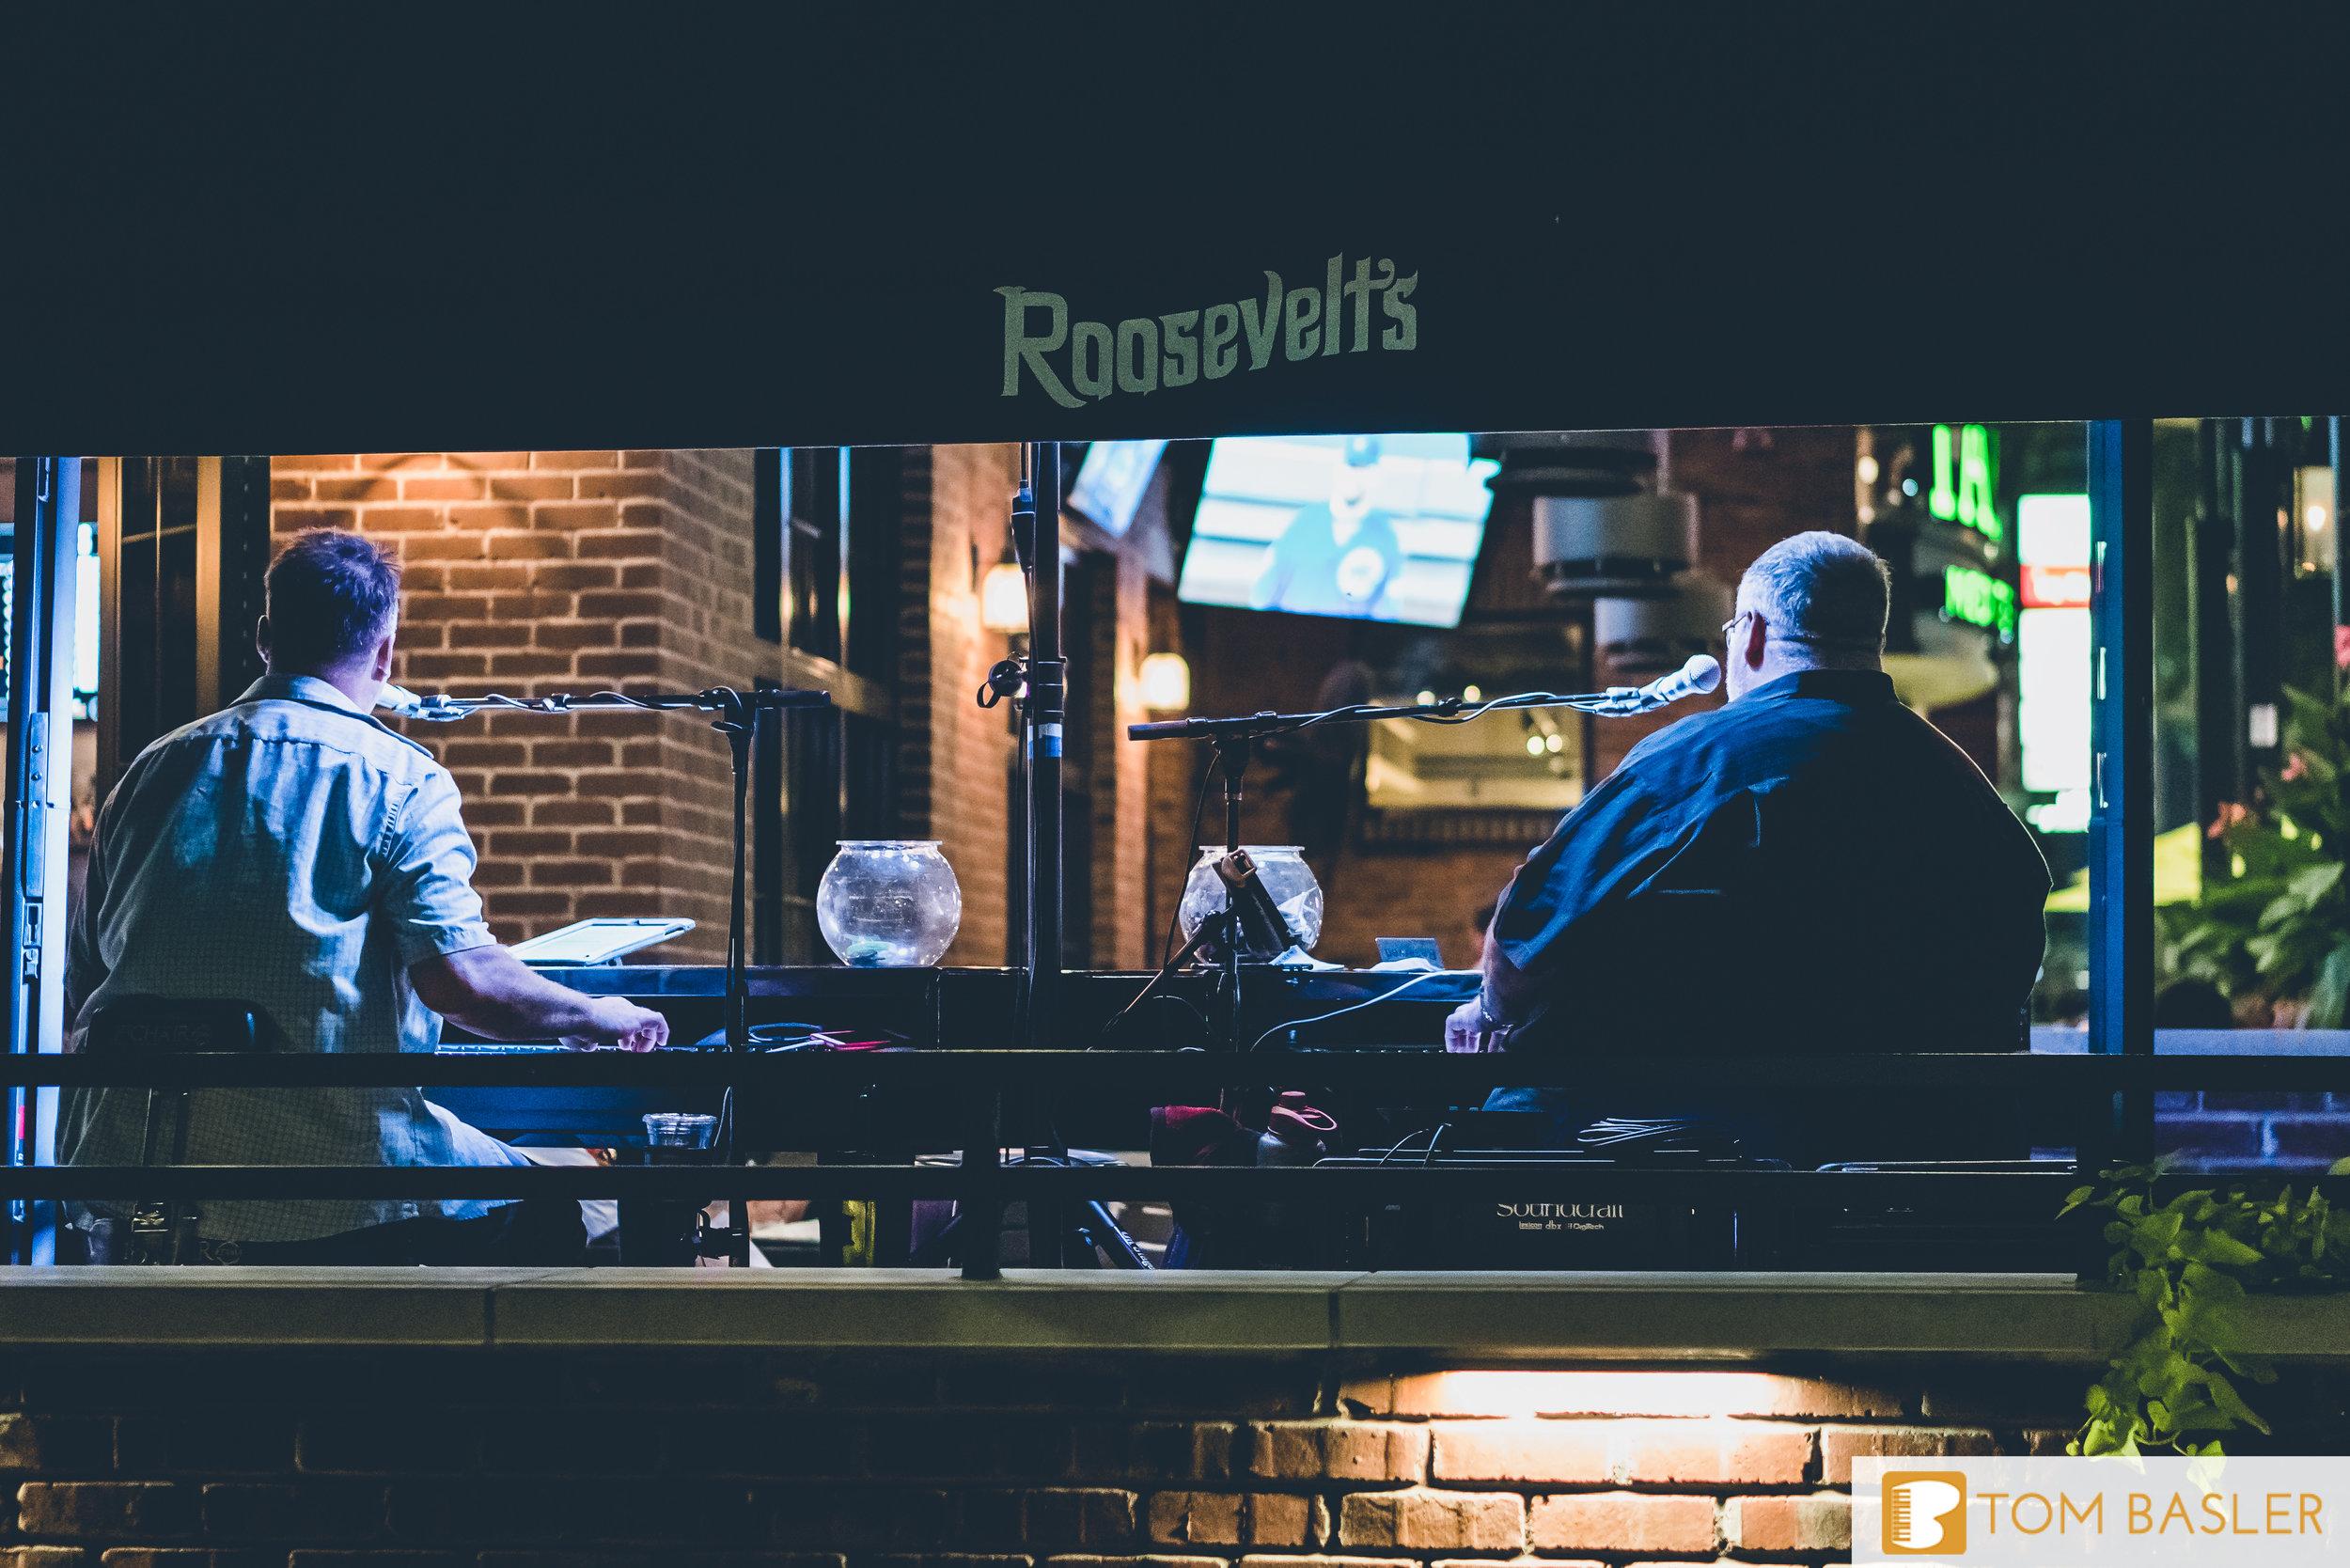 Tom Basler Dueling Pianist at Roosevelt's Tulsa-5.jpg